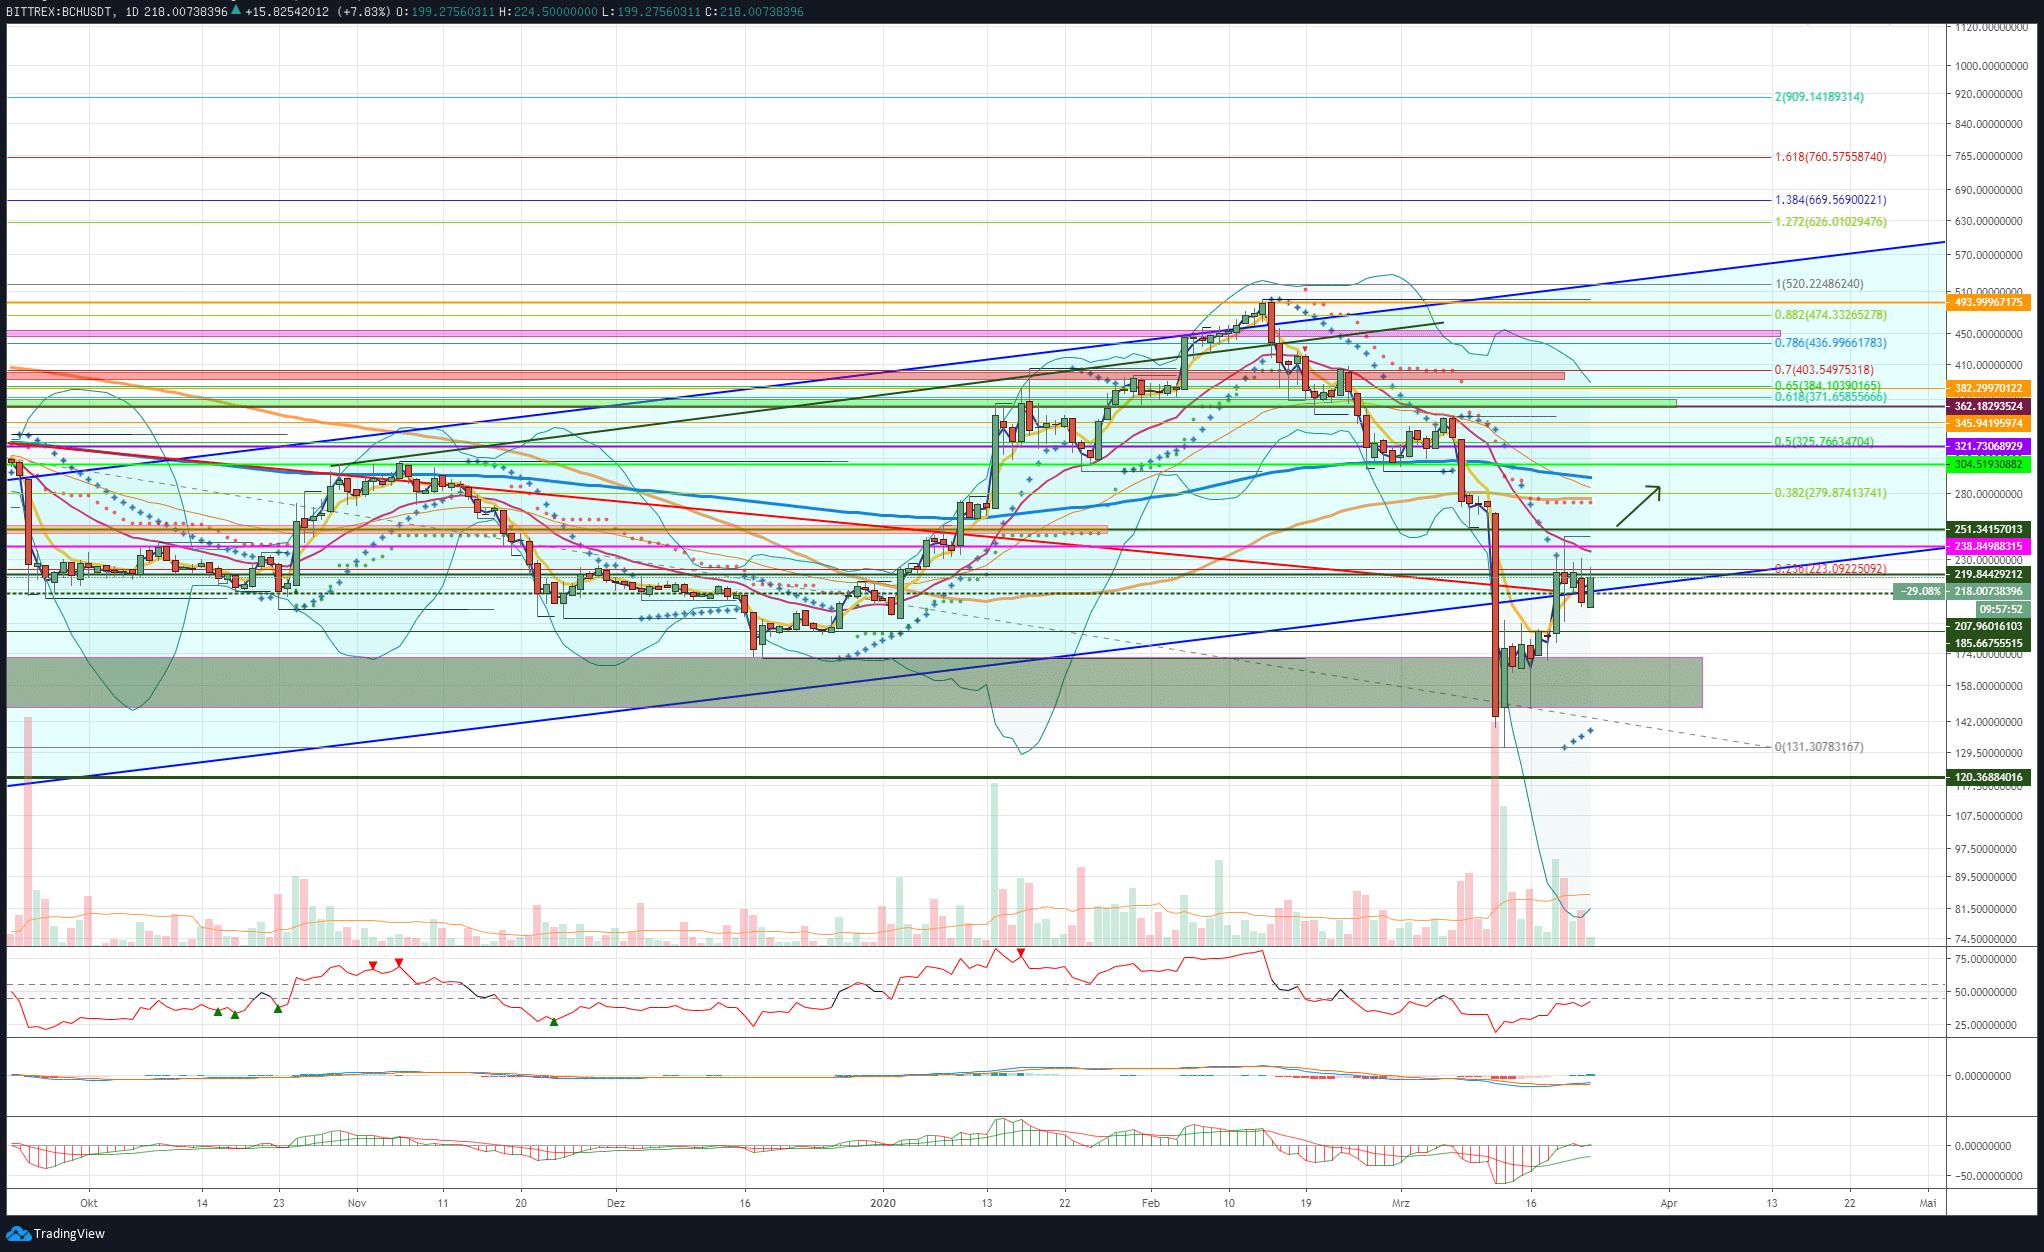 BCH 23.03.20 - High Volatility in Bitcoin (BTC) - Altcoin Prices Take a Deep Breath